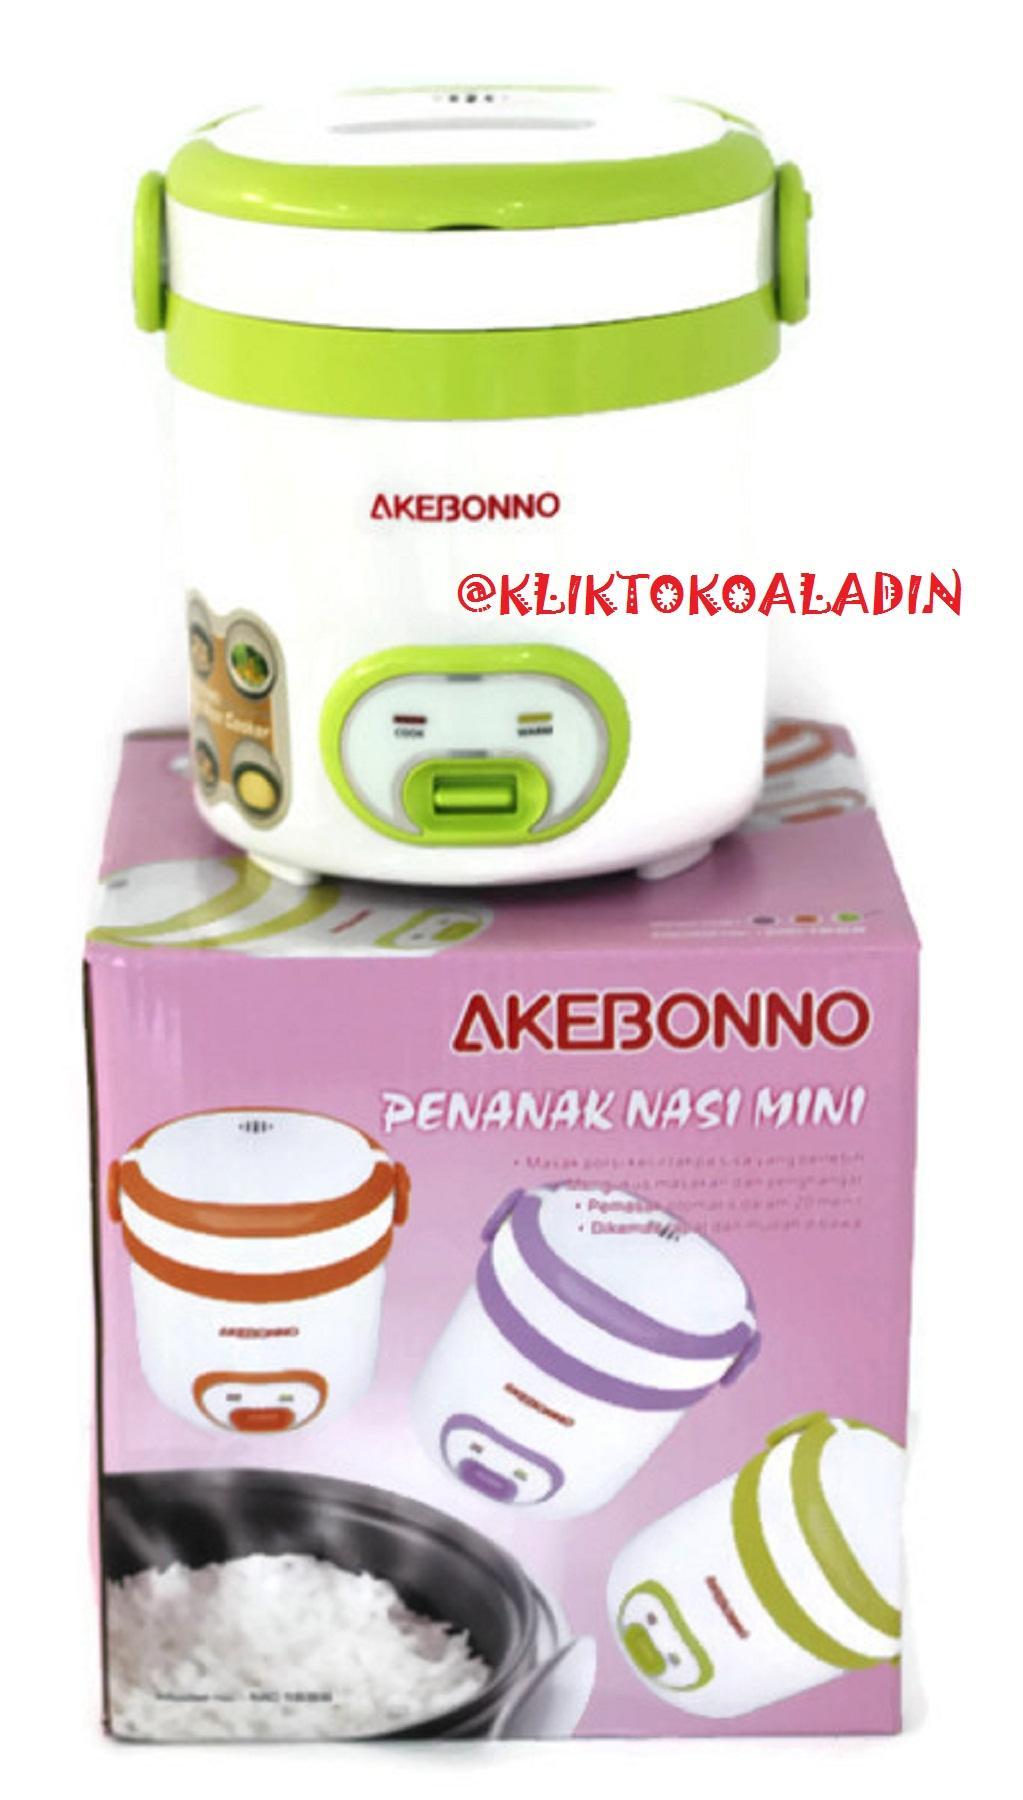 Jual Produk Akebonno Terlengkap Termurah Coffee Maker Mini Rice Cooker Magic Com Mc 1688